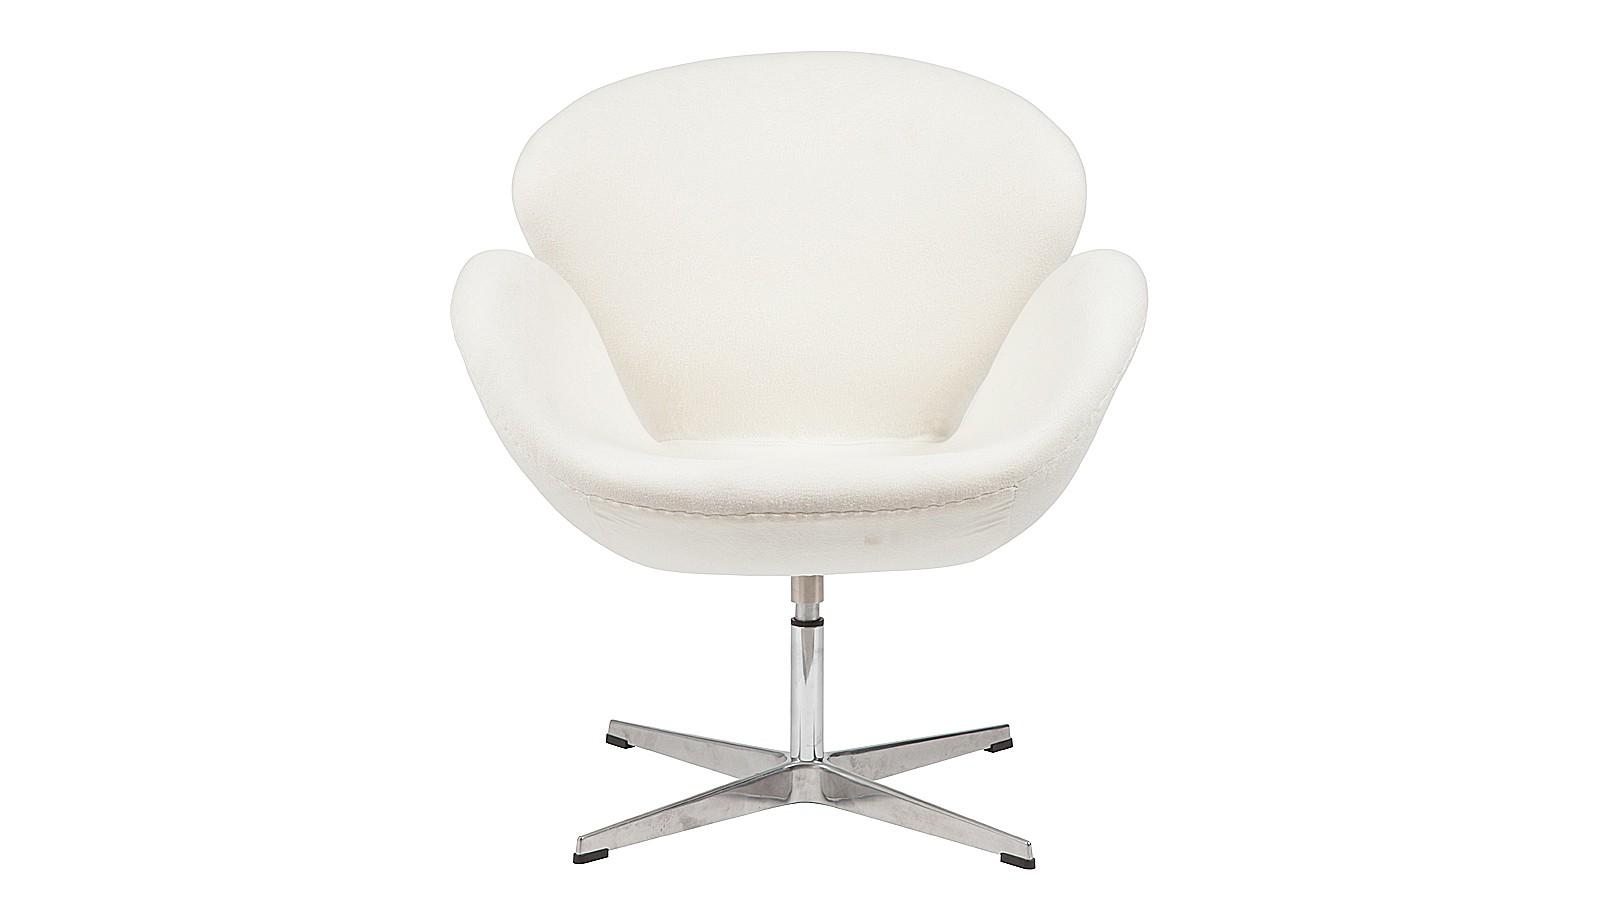 Кресло Swan ChairИнтерьерные кресла<br>Кресло &amp;quot;Swan Chair&amp;quot; в классическом белом цвете -настоящая легенда скандинавского дизайна. Спинка и подлокотники эргономично оформлены в виде обтекаемых лепестков, символизирующих пластику и грацию. Когда-то Арне Якобсен проектировал это кресло для фойе отеля, после чего оно&amp;amp;nbsp;превратилось&amp;amp;nbsp;в икону стиля, перебравшись из общественных интерьеров в жилые пространства.<br><br>Material: Кашемир<br>Width см: 70<br>Depth см: 71<br>Height см: 78